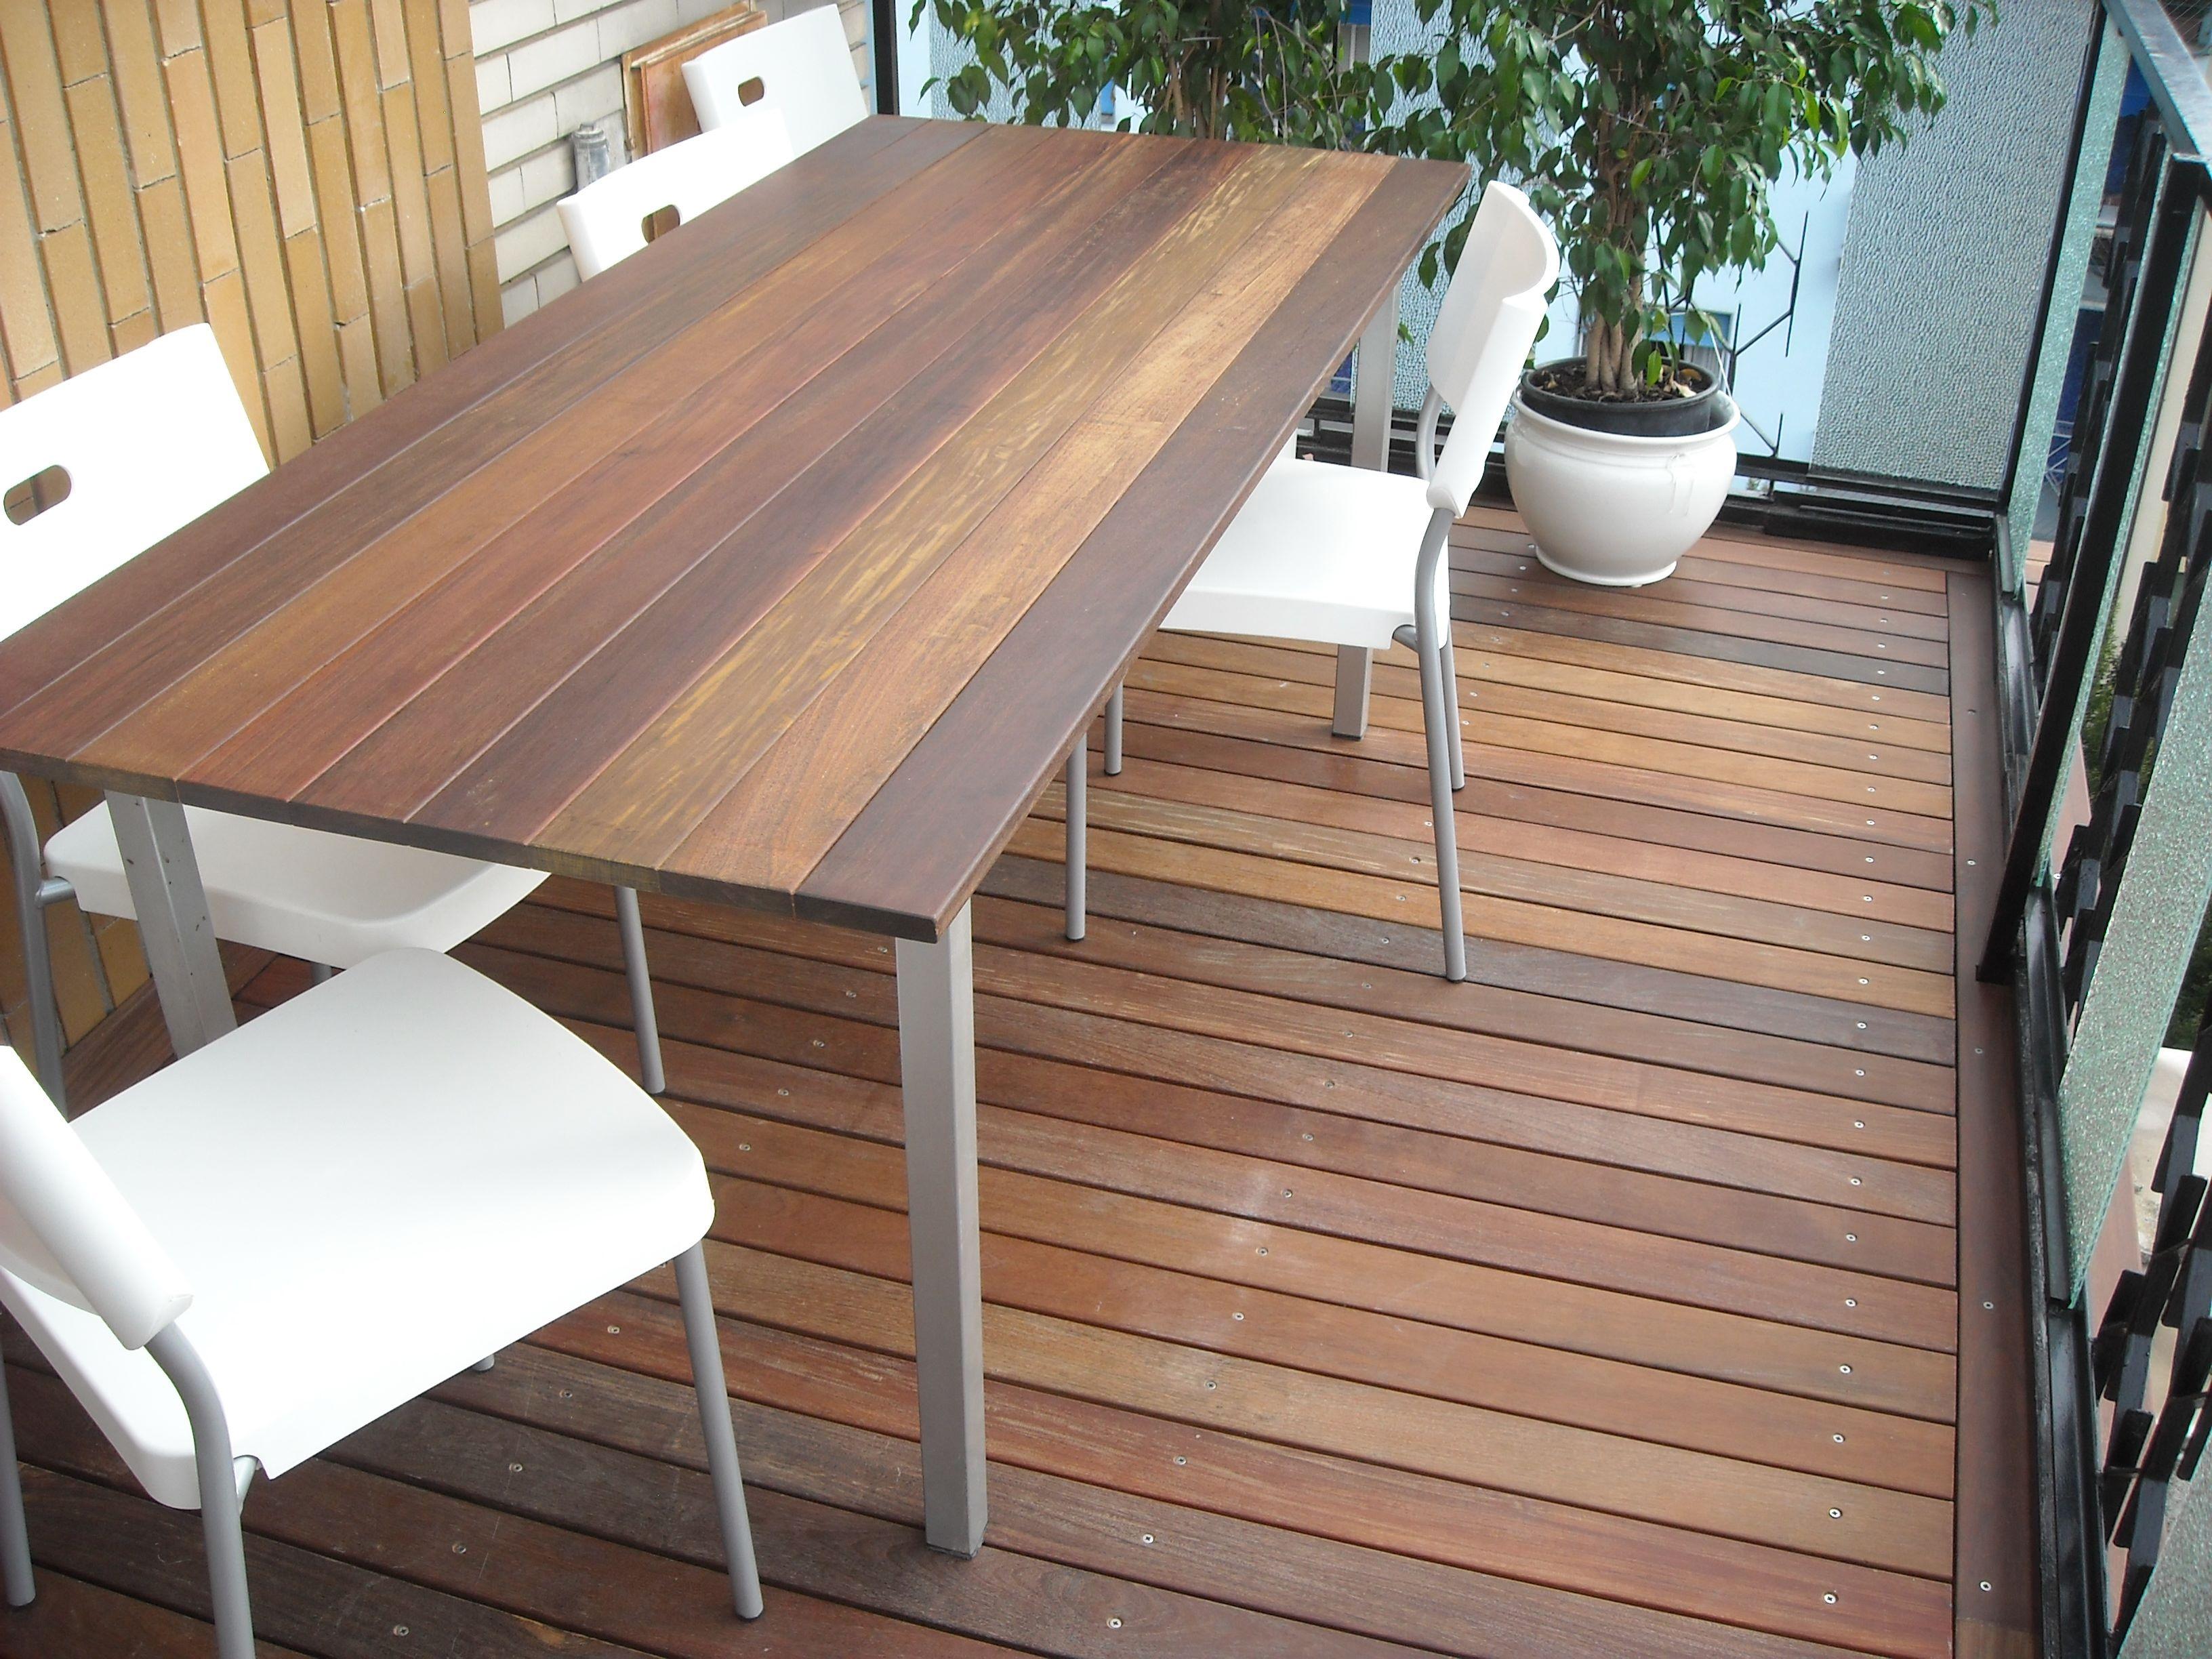 Pavimenti in legno per esterni alessandria - Pavimenti per esterni ...